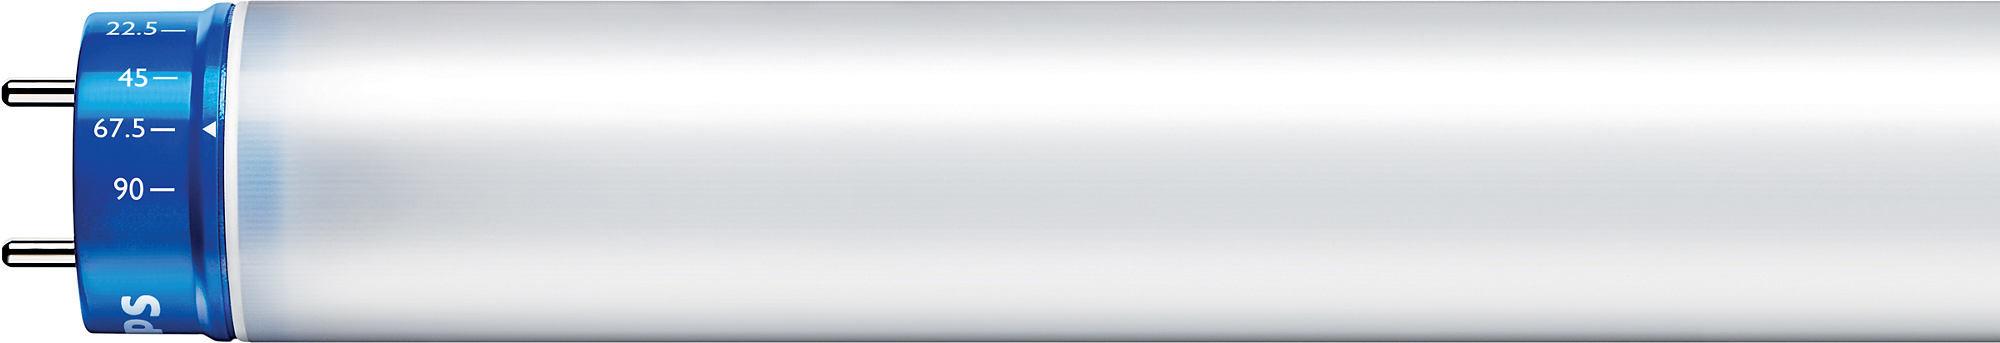 Philips MASTER LEDtube PERF 1200mm 21W 830 T8 I ROT